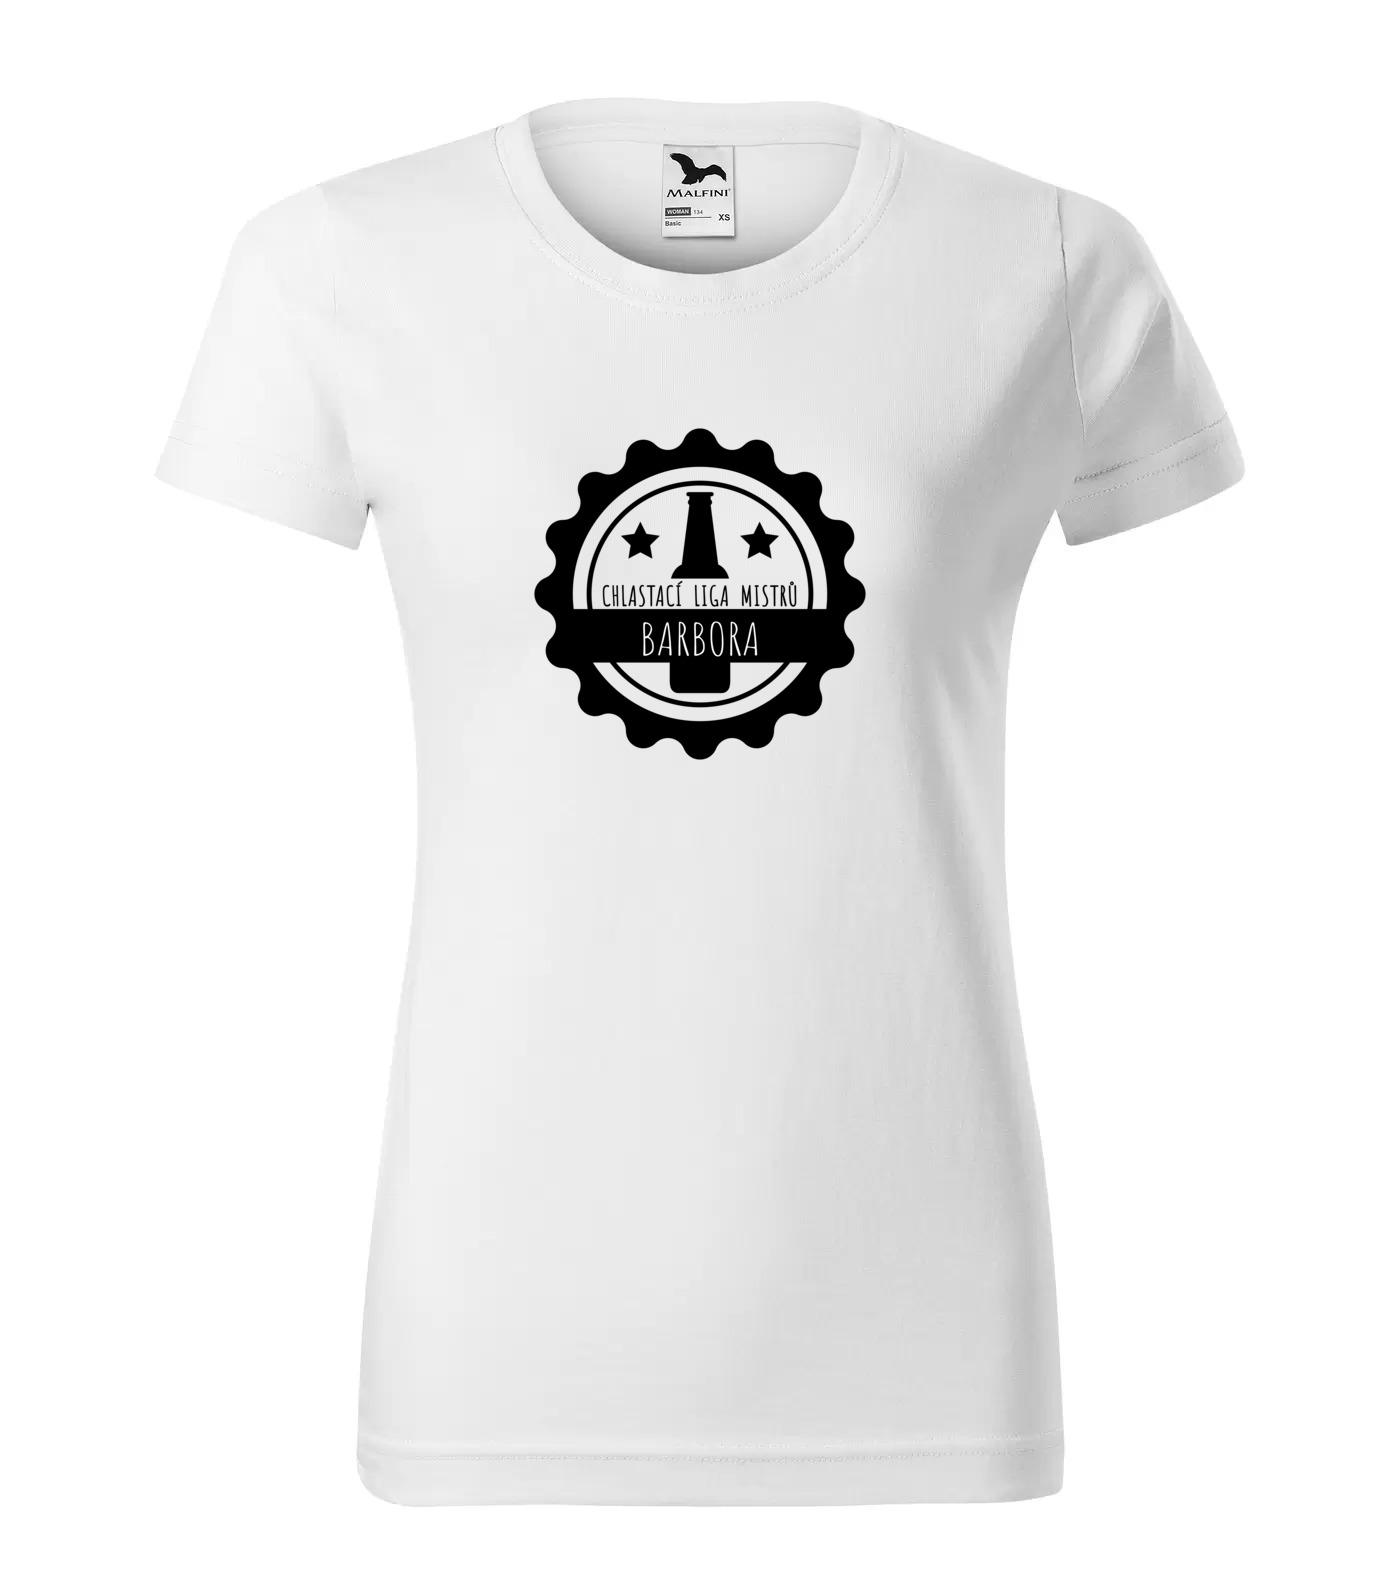 Tričko Chlastací liga žen Barbora